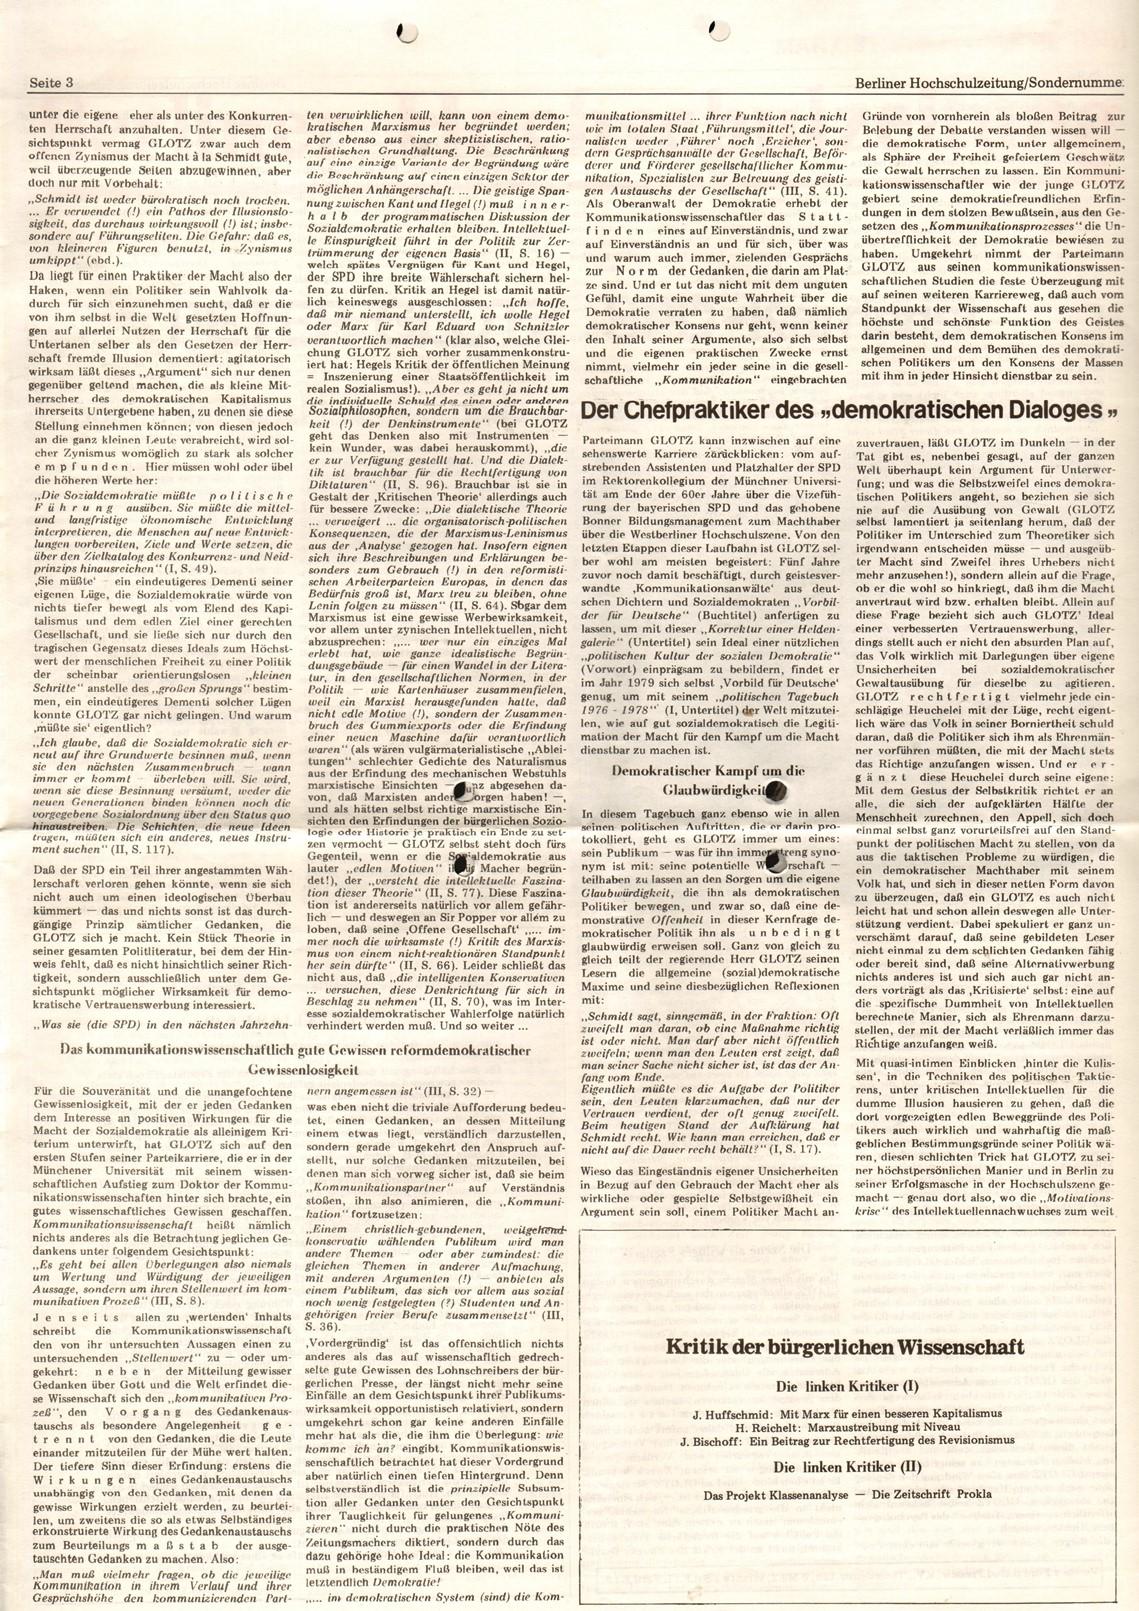 Berlin_MG_Hochschulzeitung_19791100_03